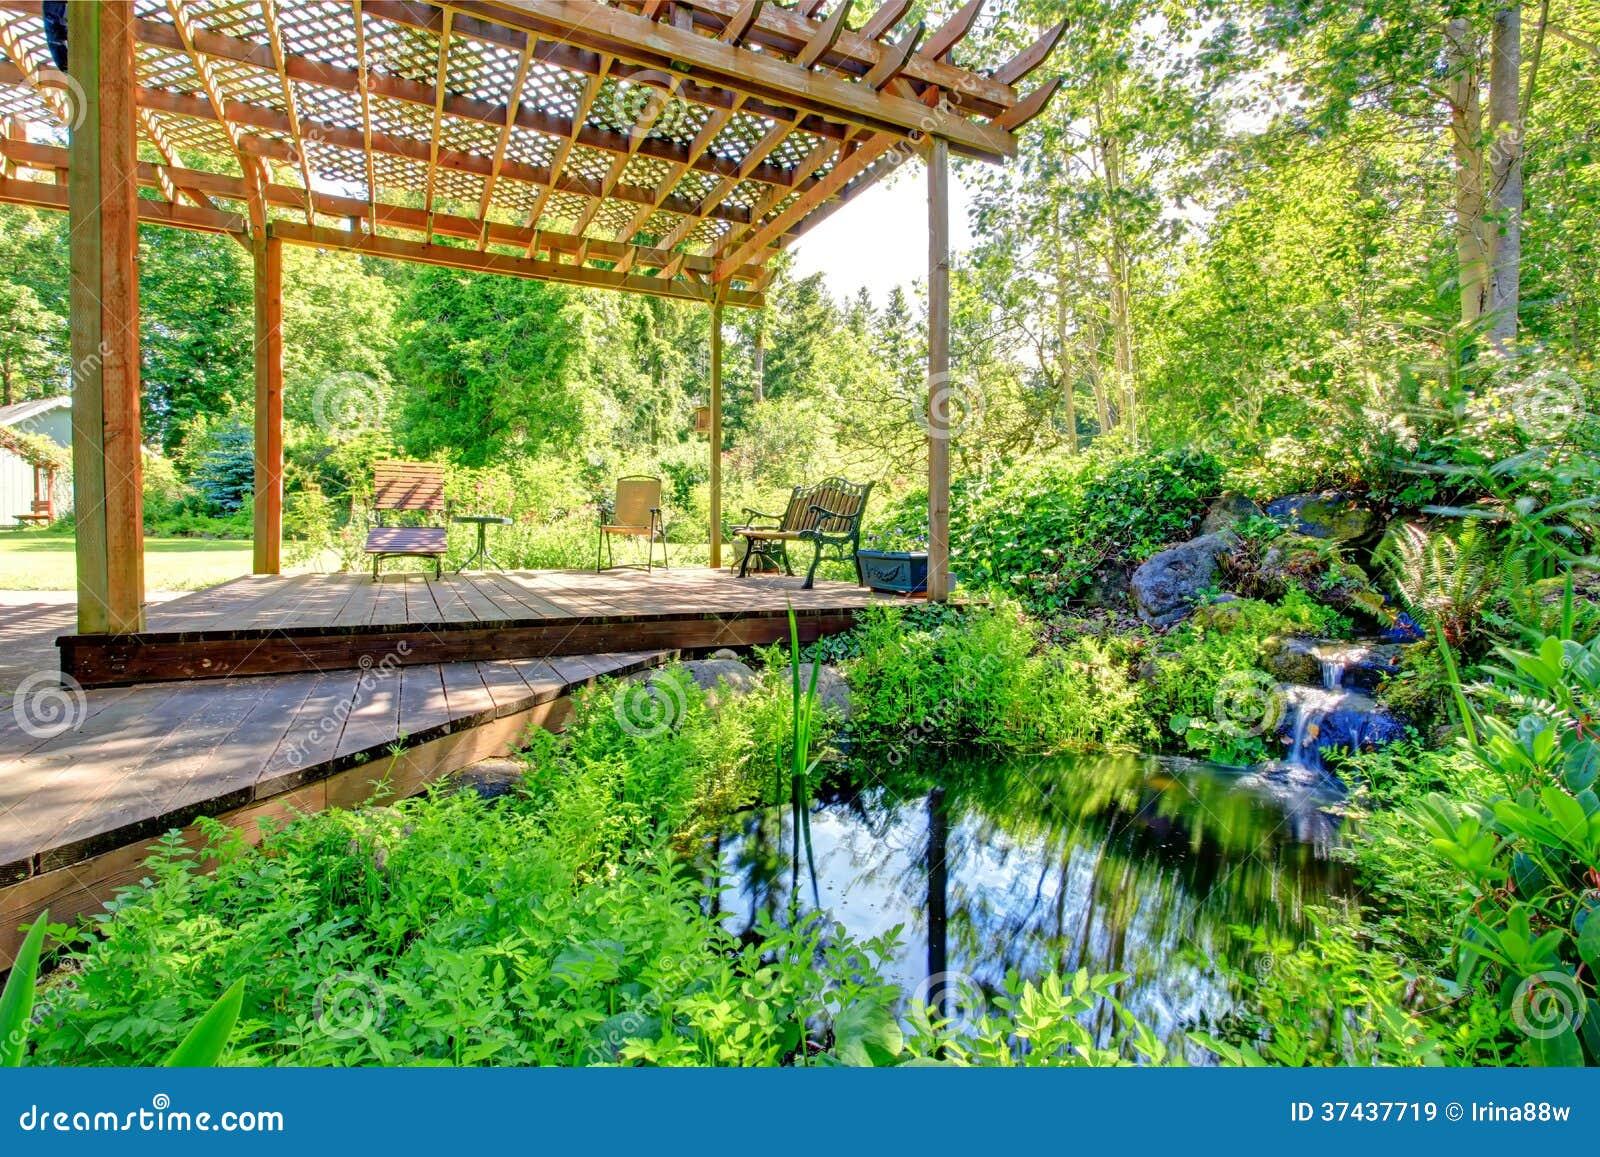 Jardin pittoresque de ferme d 39 arri re cour avec le petit for Jardin pittoresque